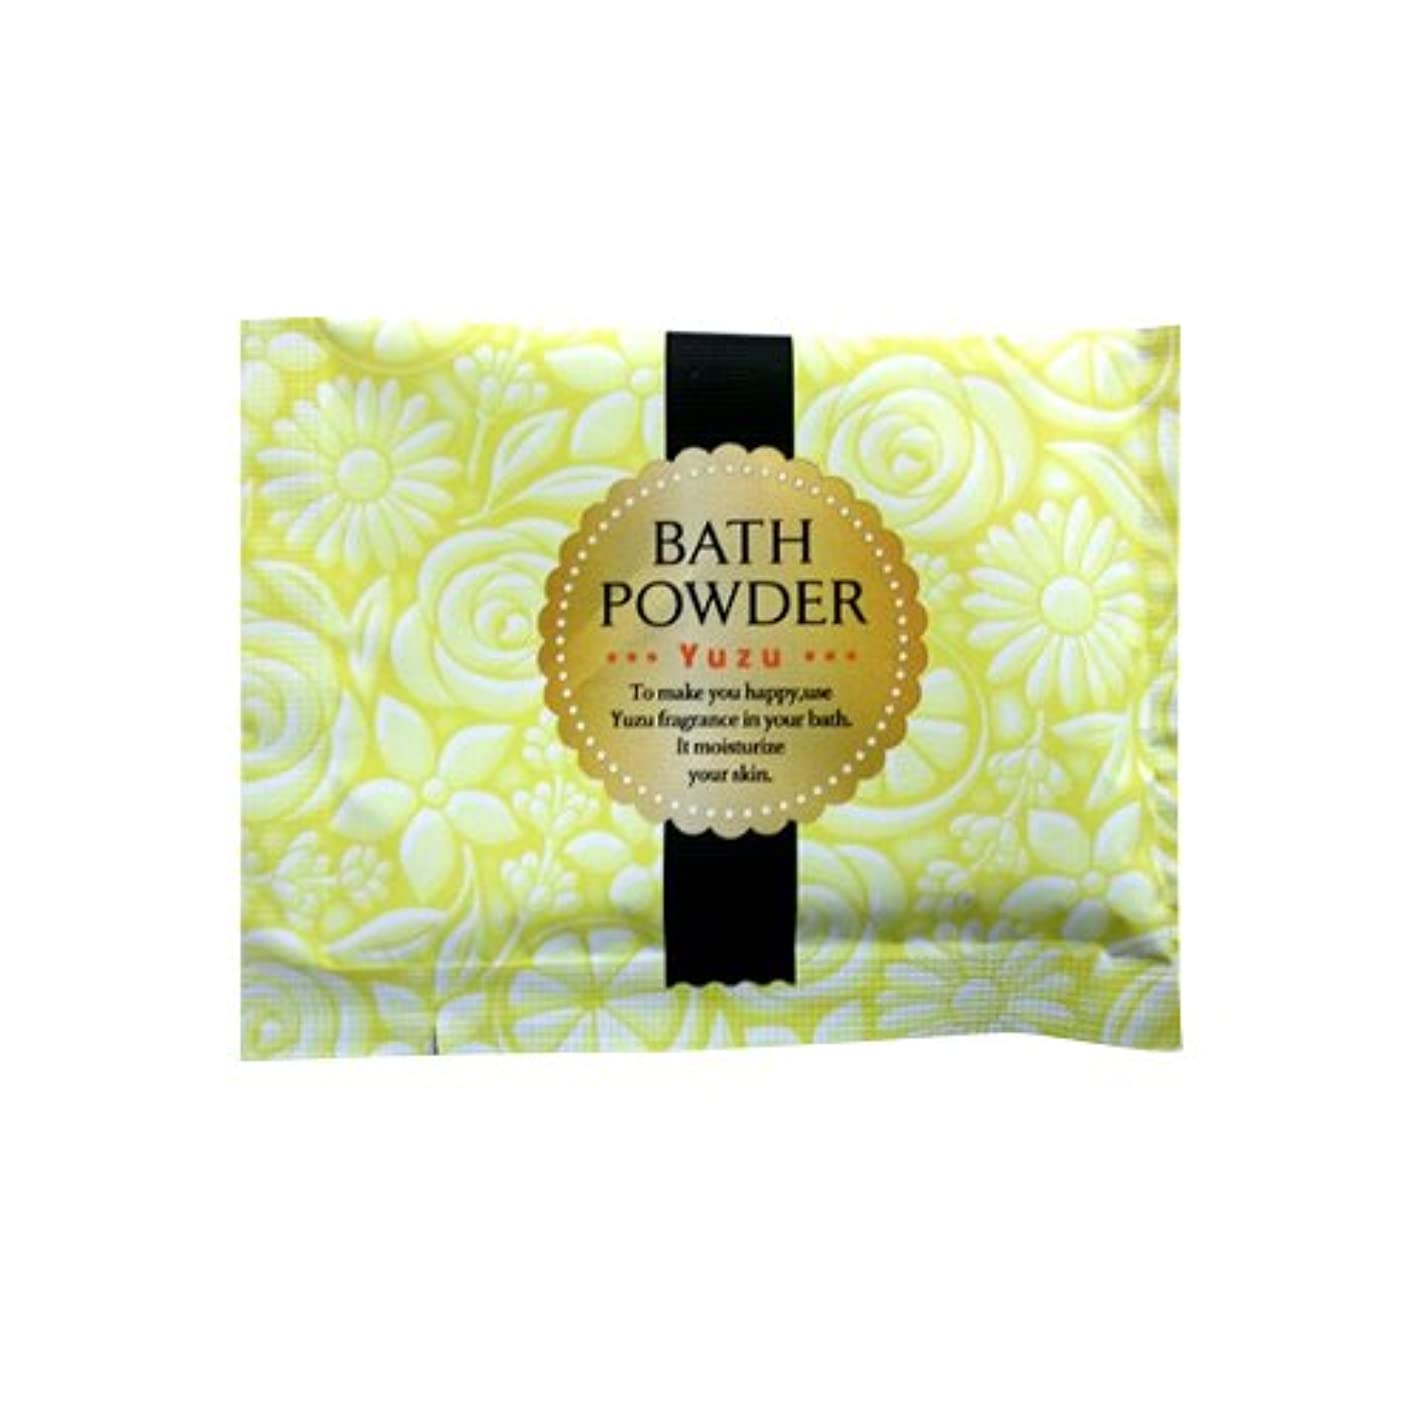 入浴剤 LUCKY BATH (ラッキーバス) 25g ユズの香り